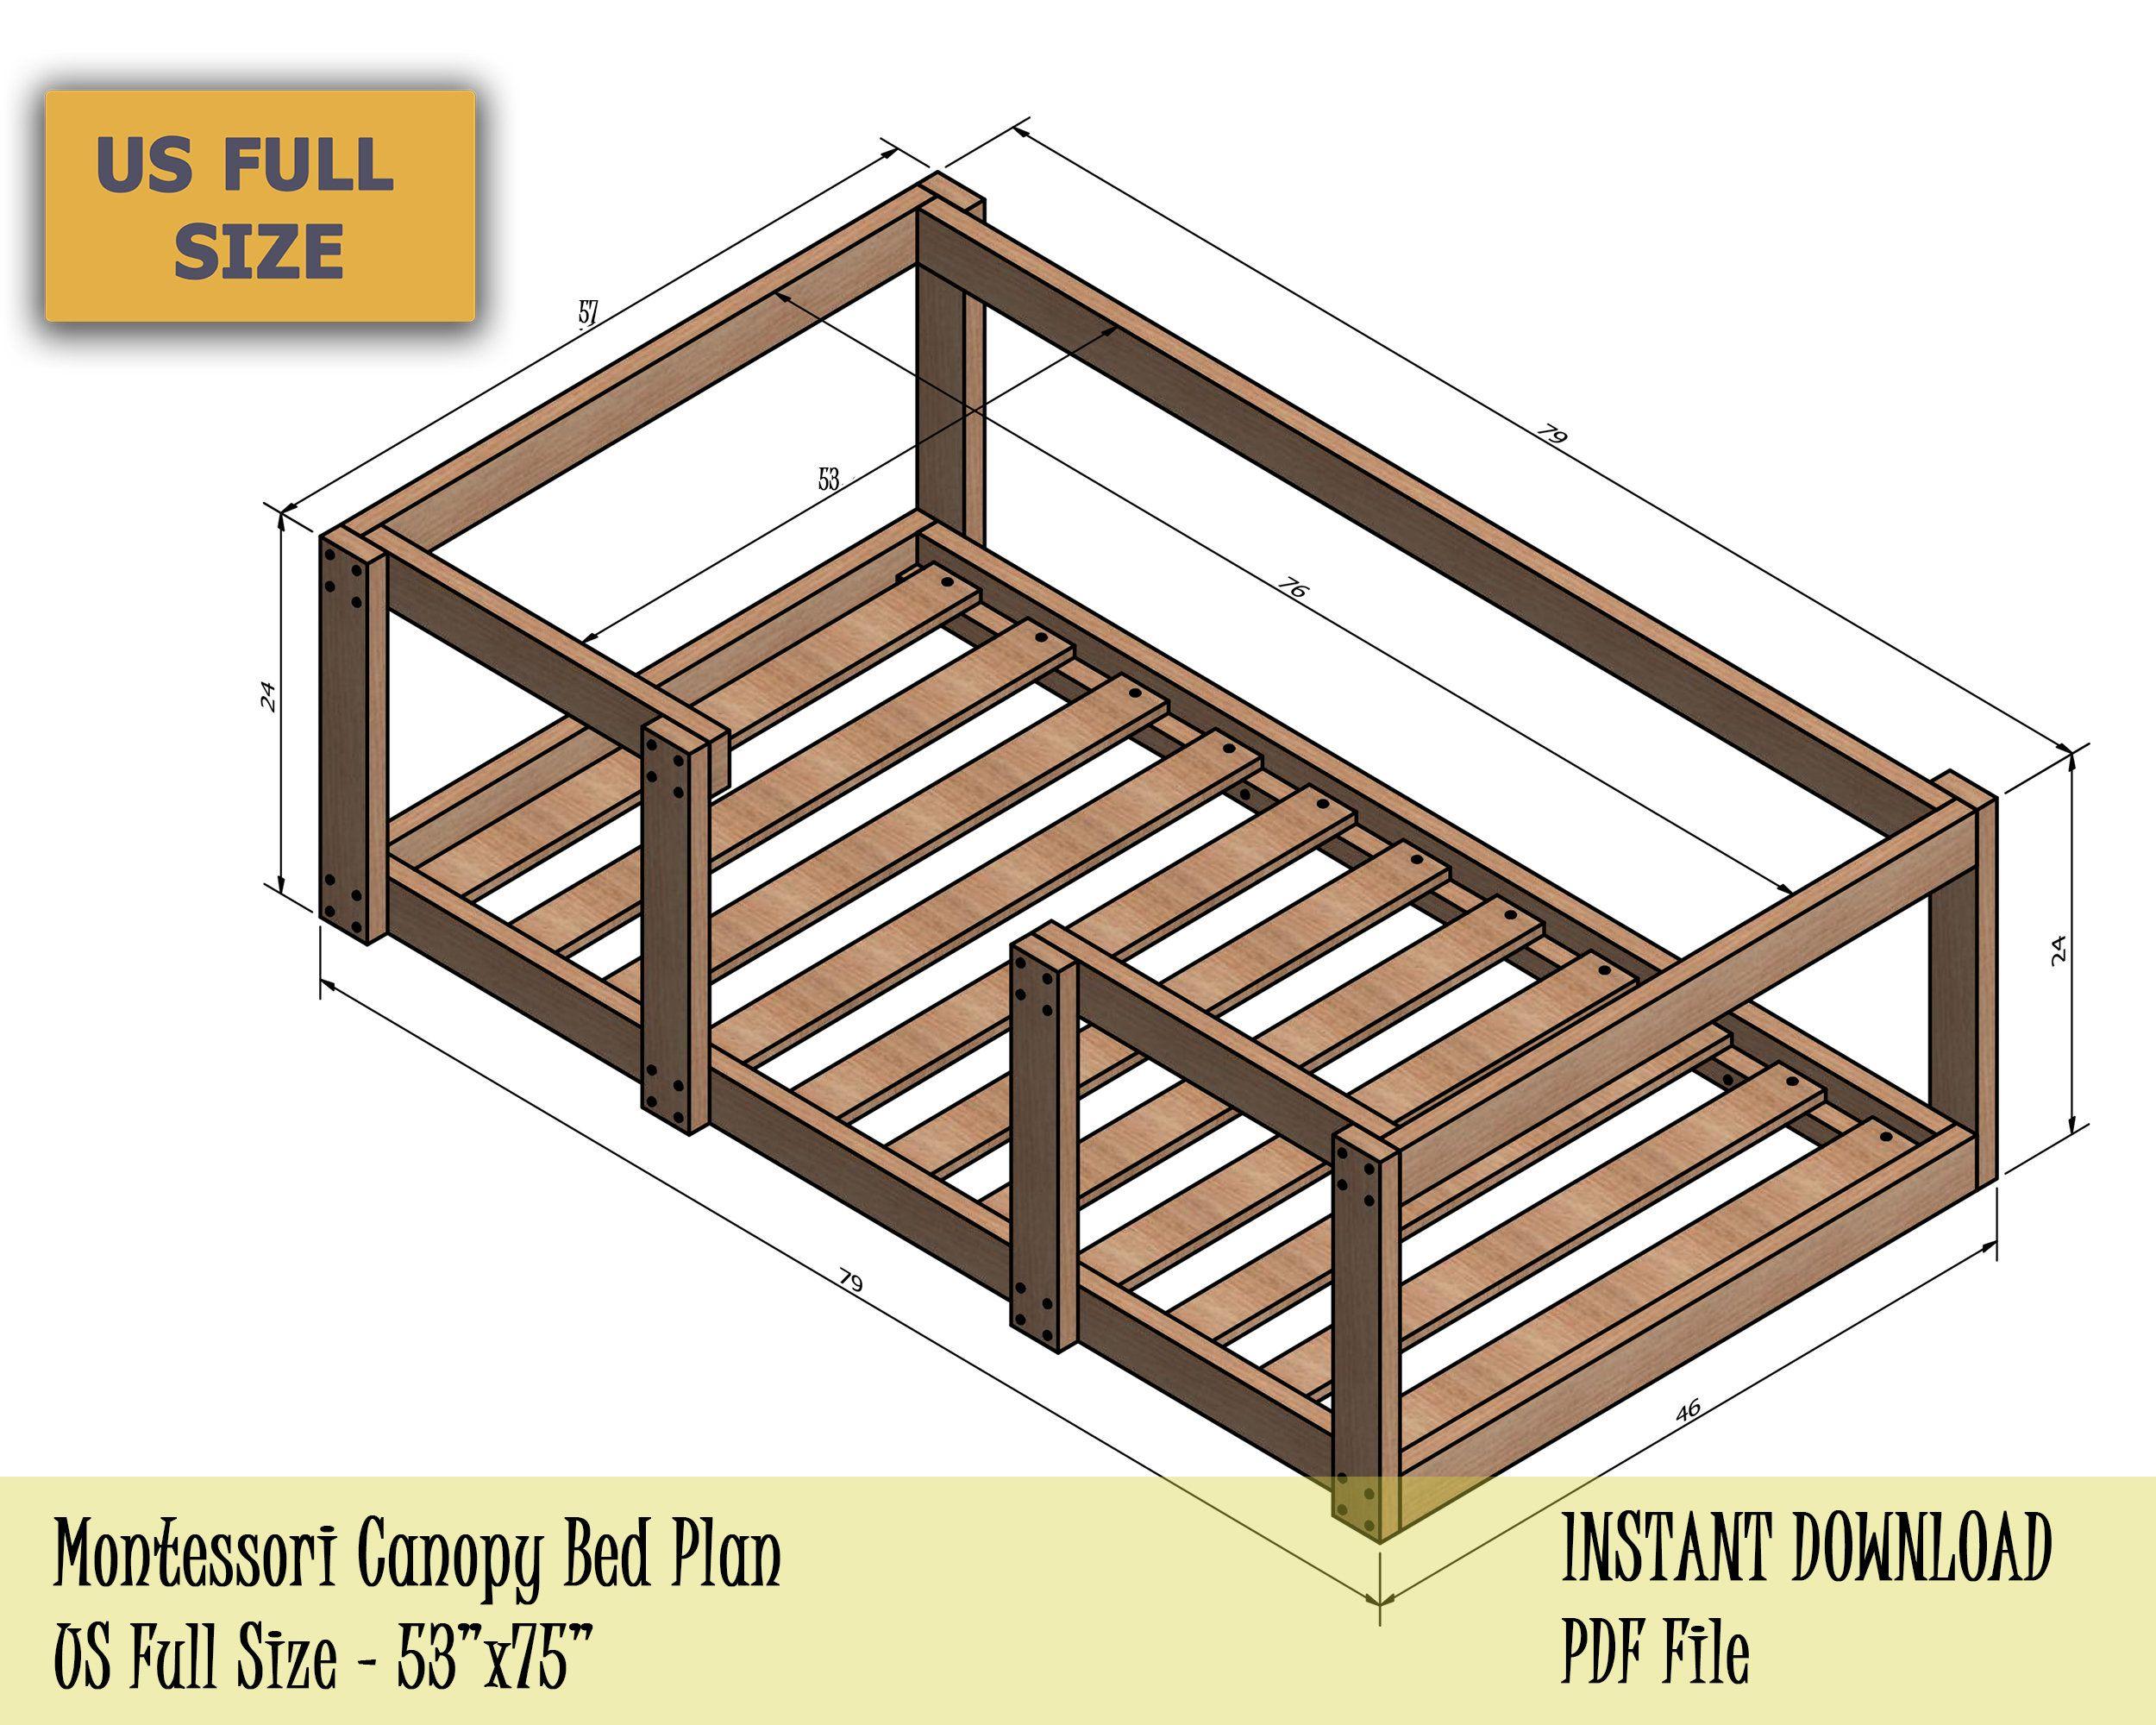 Montessori Bed Canopy Bed Plan Full Bed Frame Diy Toddler Etsy Loft Bed Plans Full Bed Frame Toddler Floor Bed